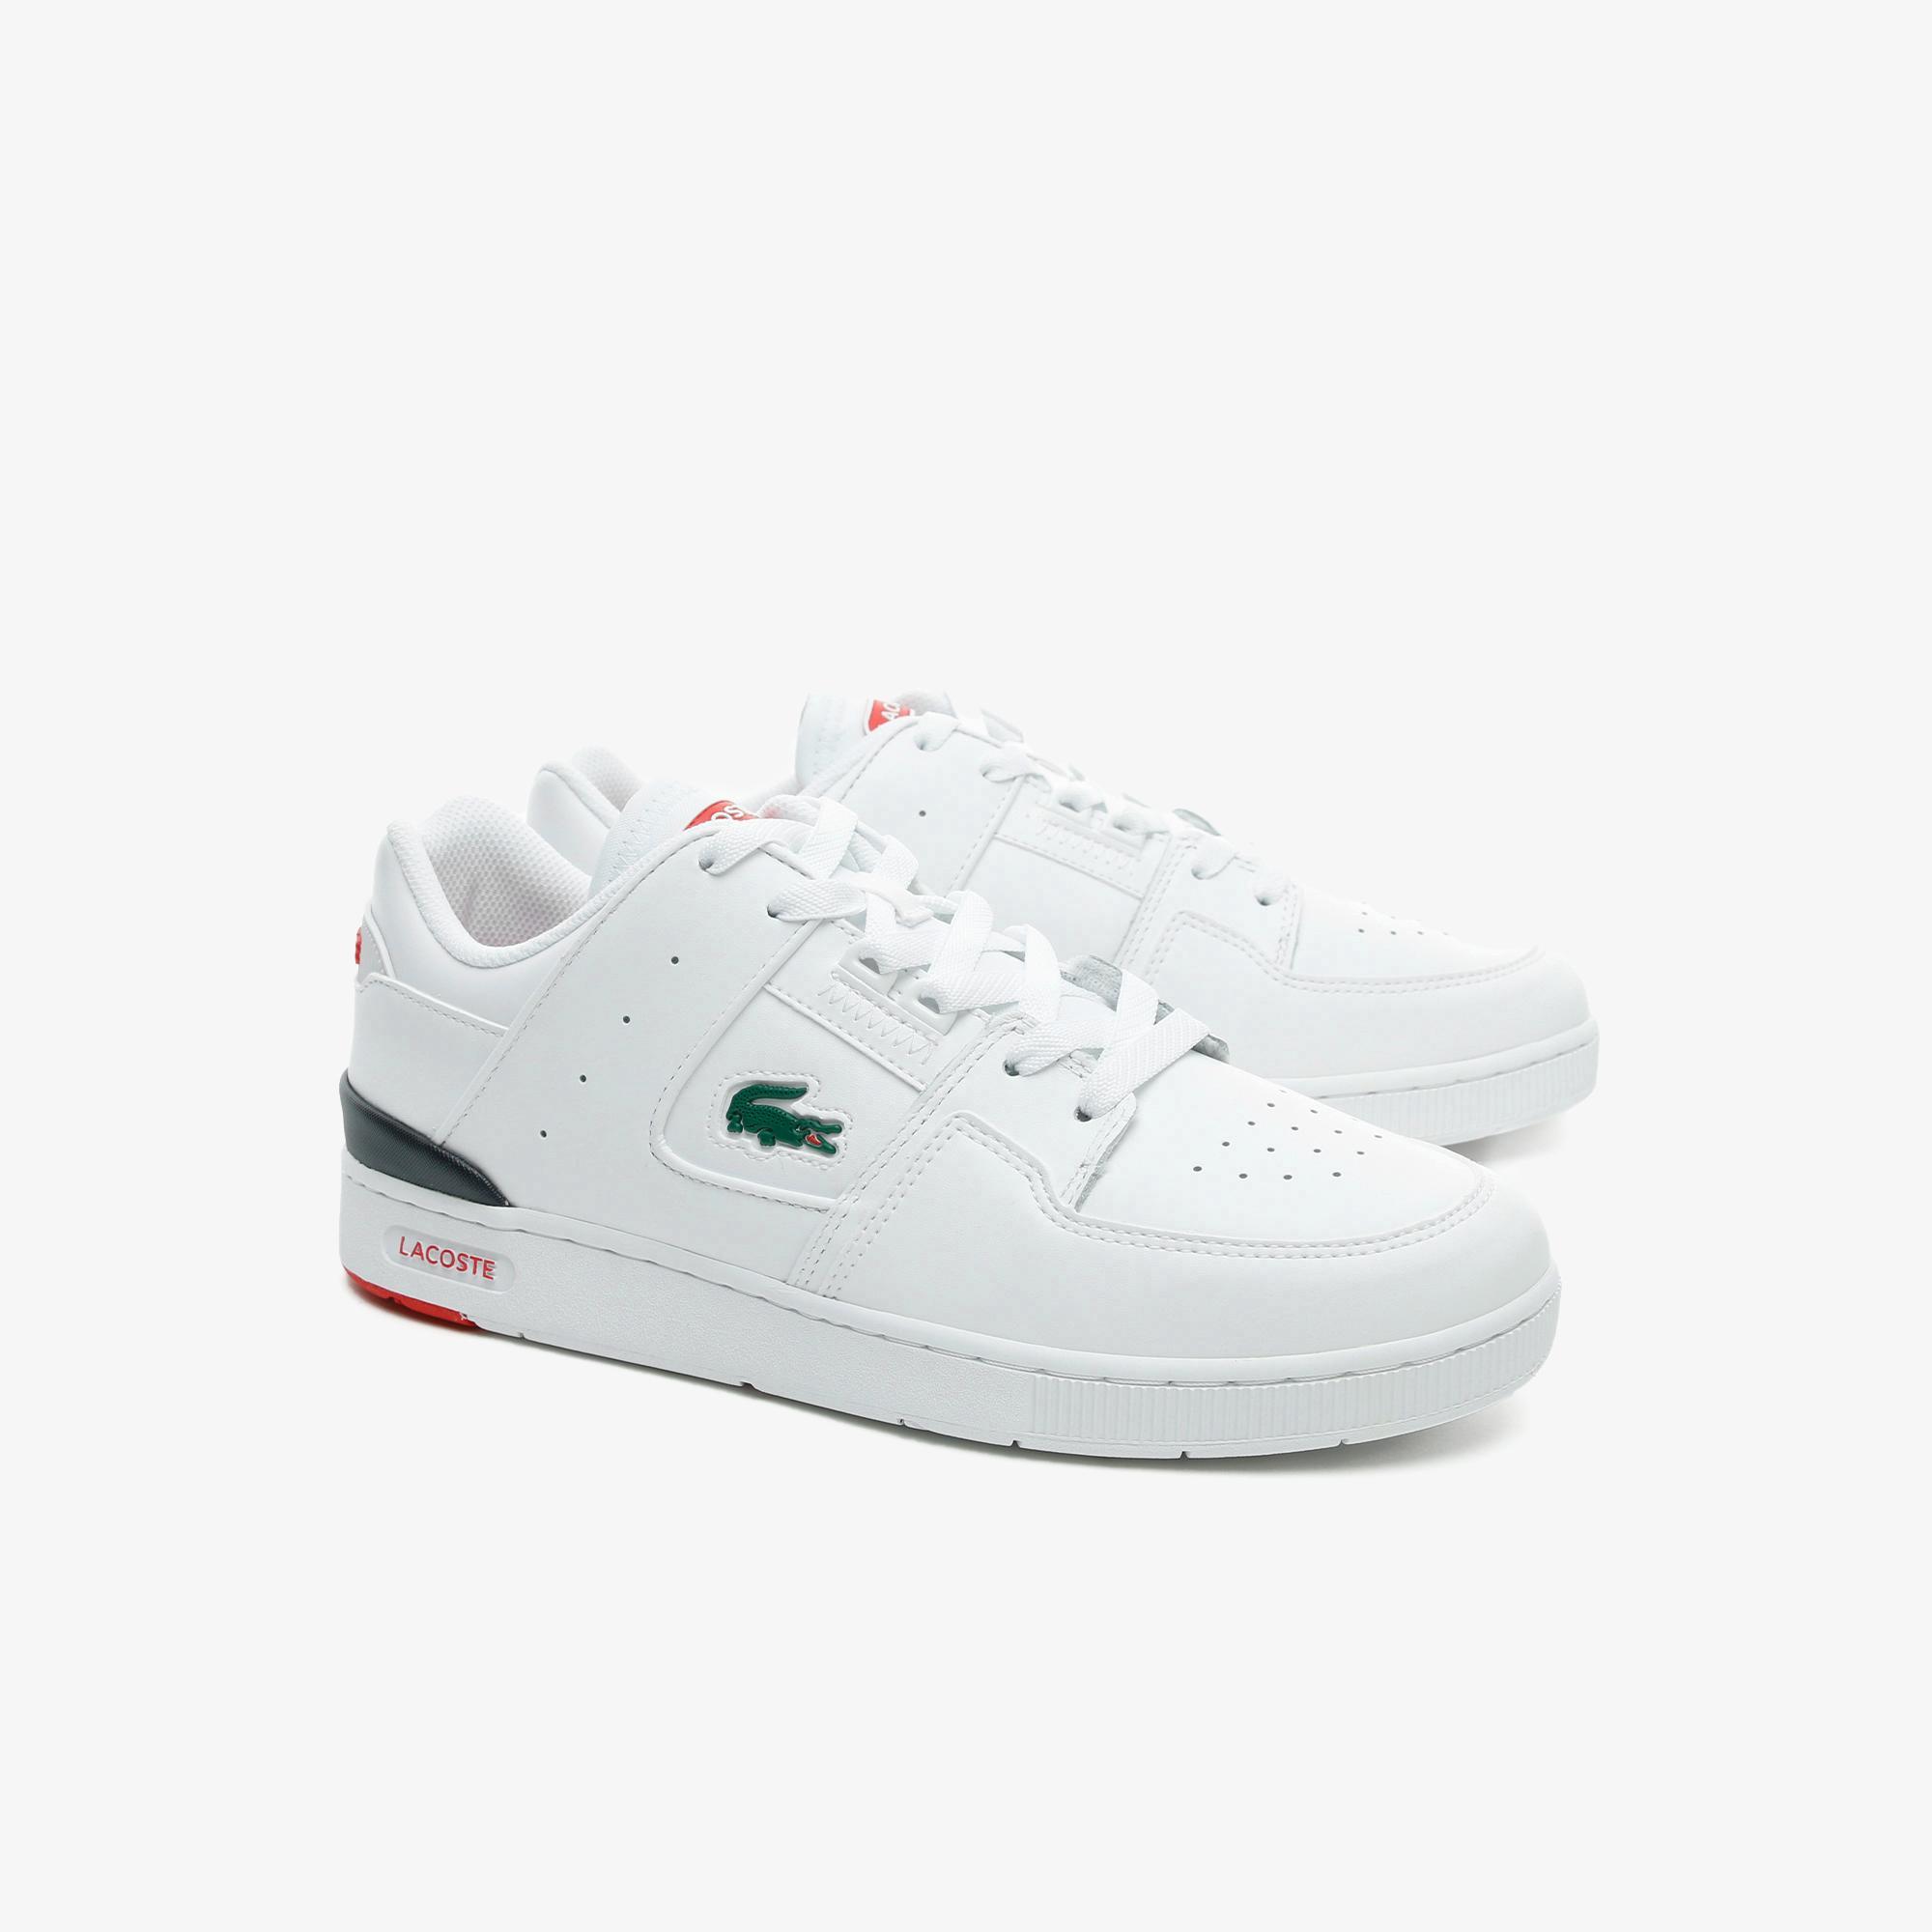 Lacoste Court Cage 0721 1 Sma Erkek Beyaz - Lacivert - Kırmızı Sneaker